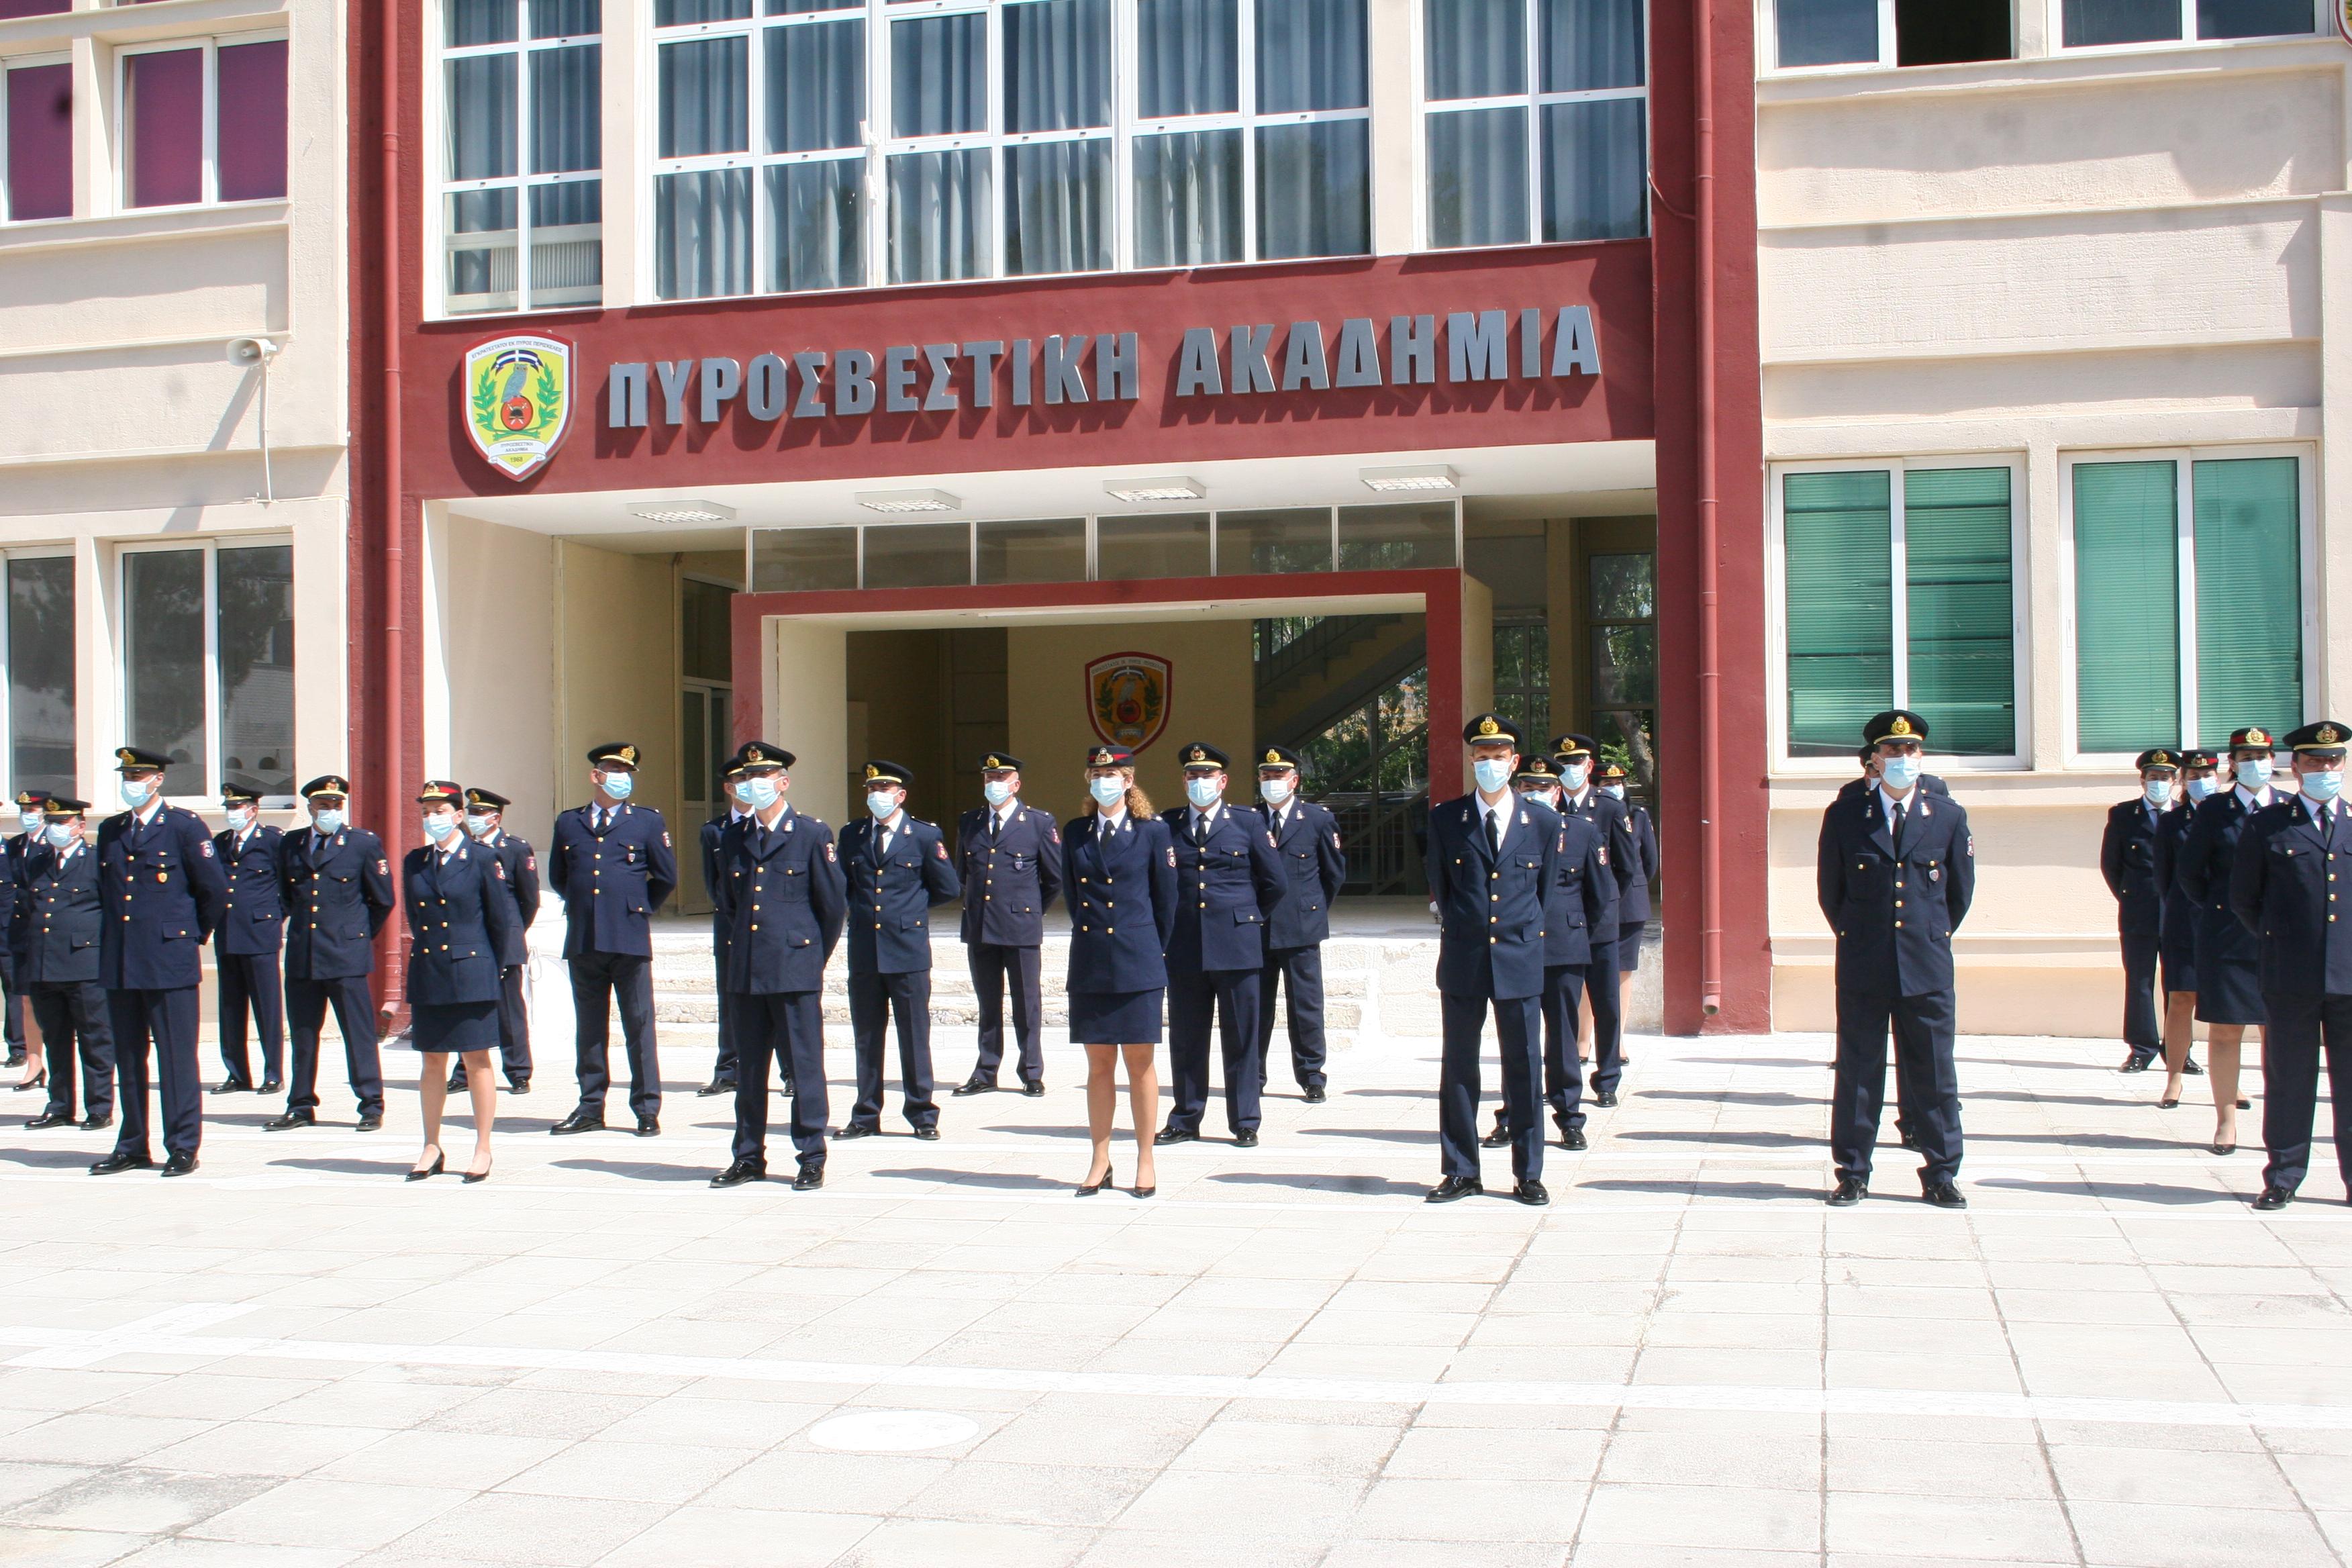 Αποφοίτηση του Ειδικού Τμήματος Πυρονόμων, Τάξεως 2021, της Σχολής Επιμόρφωσης και Μετεκπαίδευσης της Πυροσβεστικής Ακαδημίας.